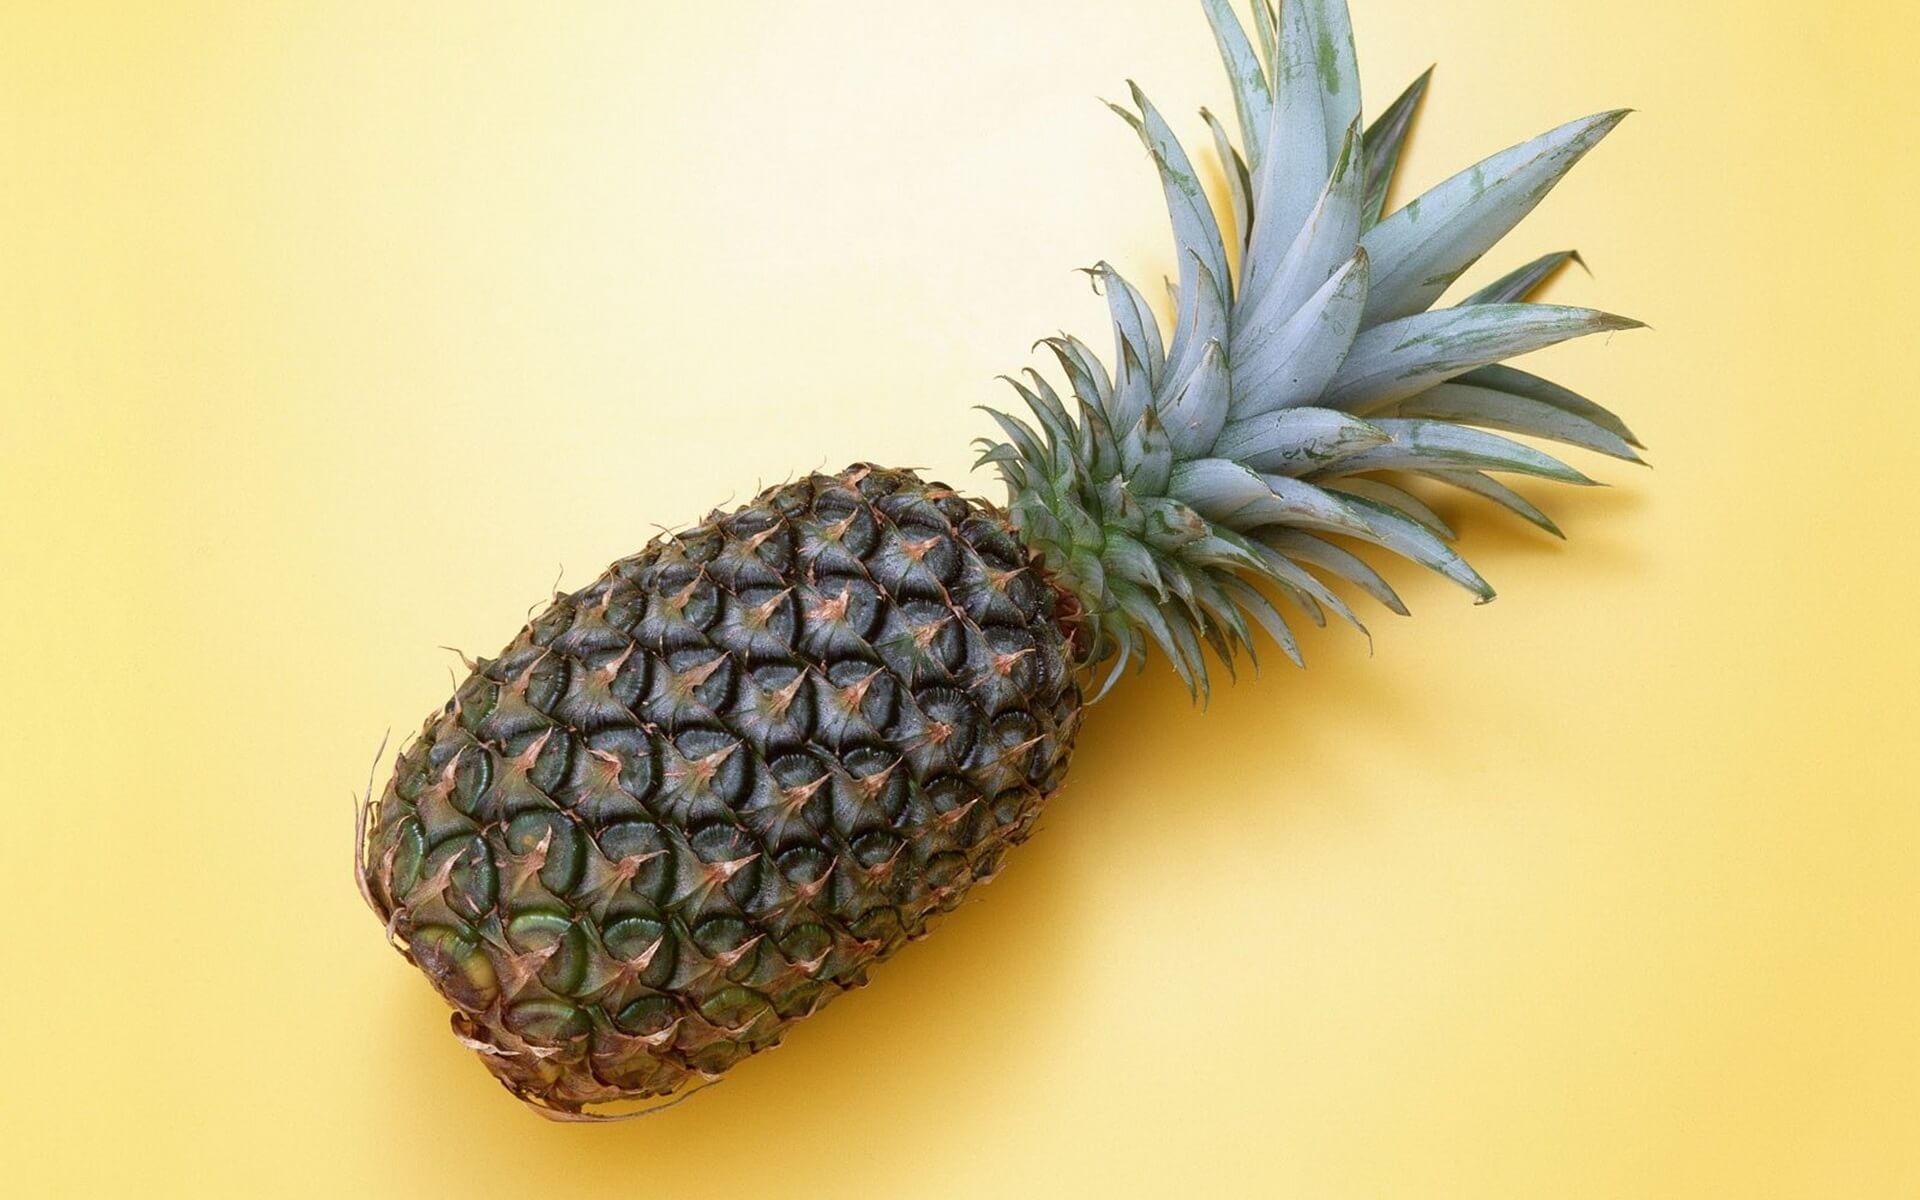 Красивые и прикольные картинки, обои ананаса - подборка 2018 1